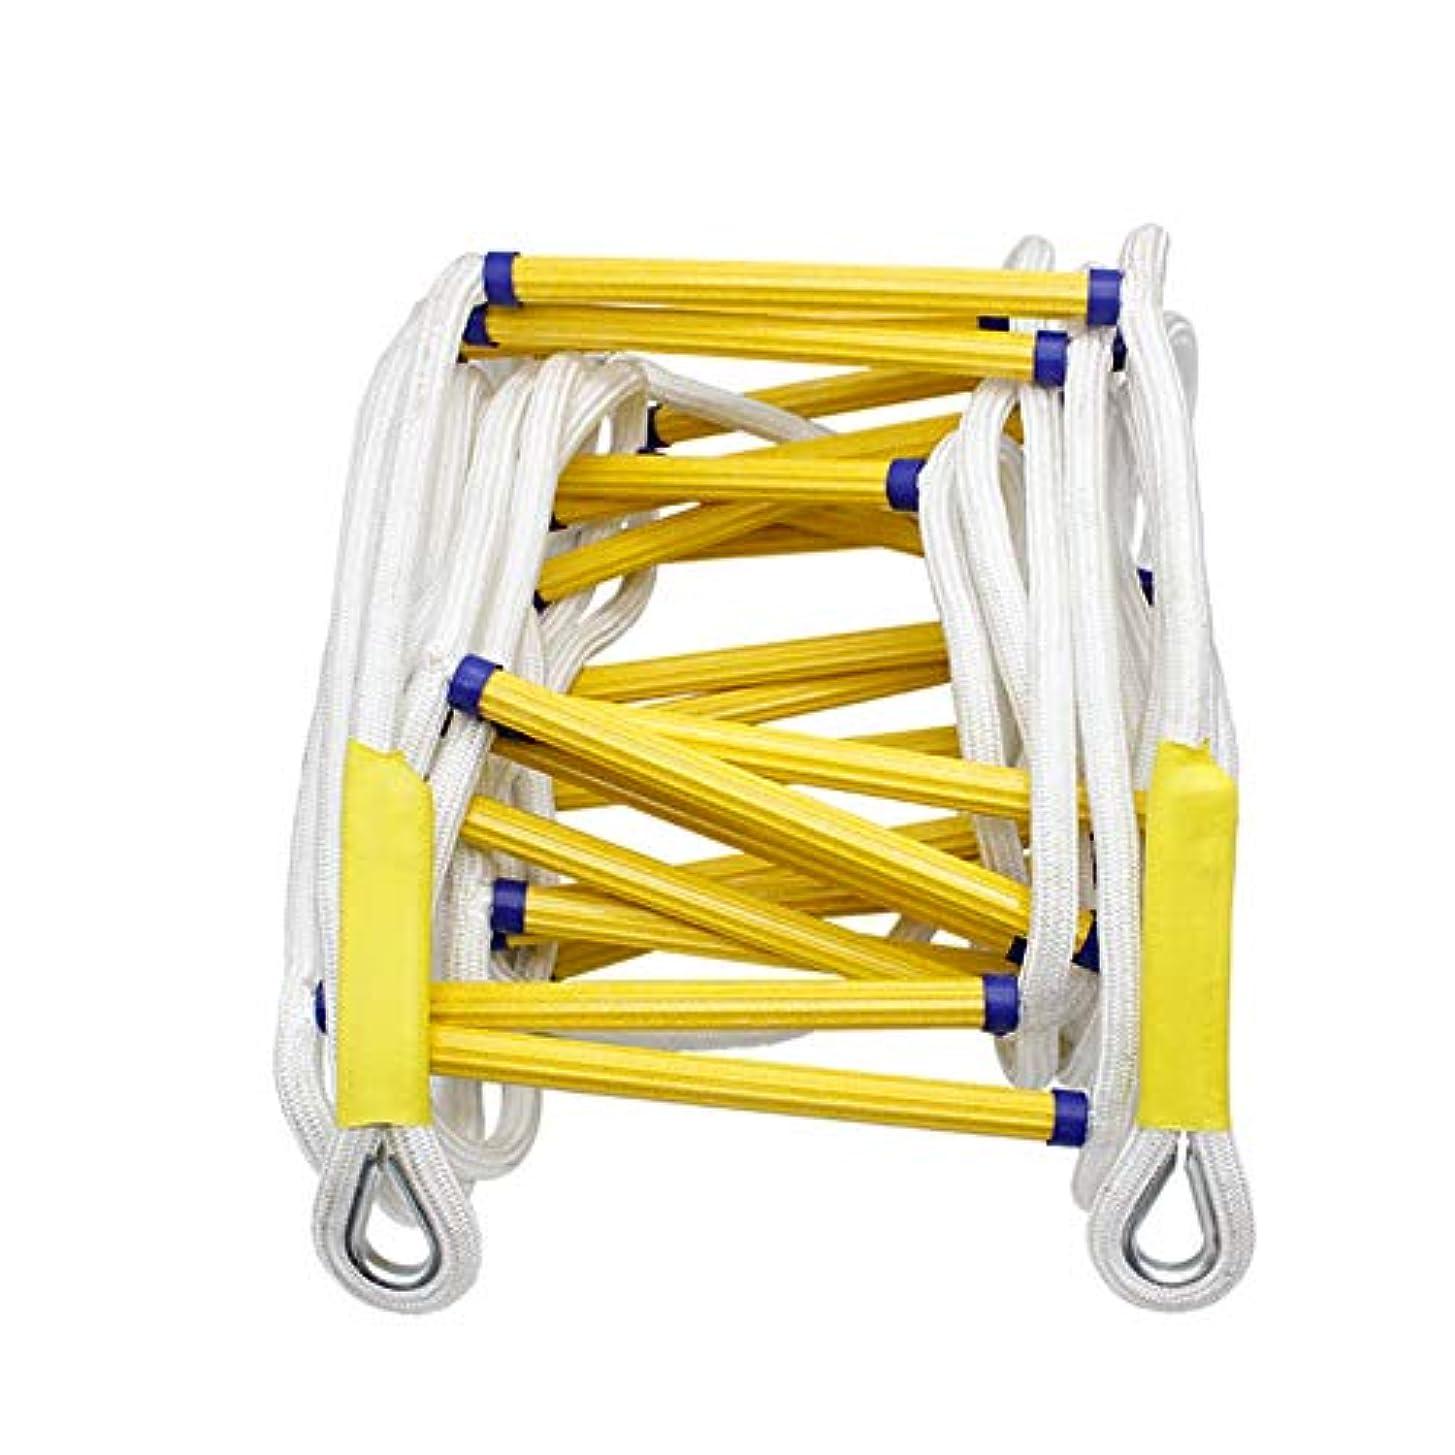 放棄する恥ずかしい発見する救助ロープのはしご、家庭用樹脂の上昇の梯子の火の脱出滑り止めの柔らかいステップ梯子の耐久力のある空中作業の梯子20m、25m、30m,25m